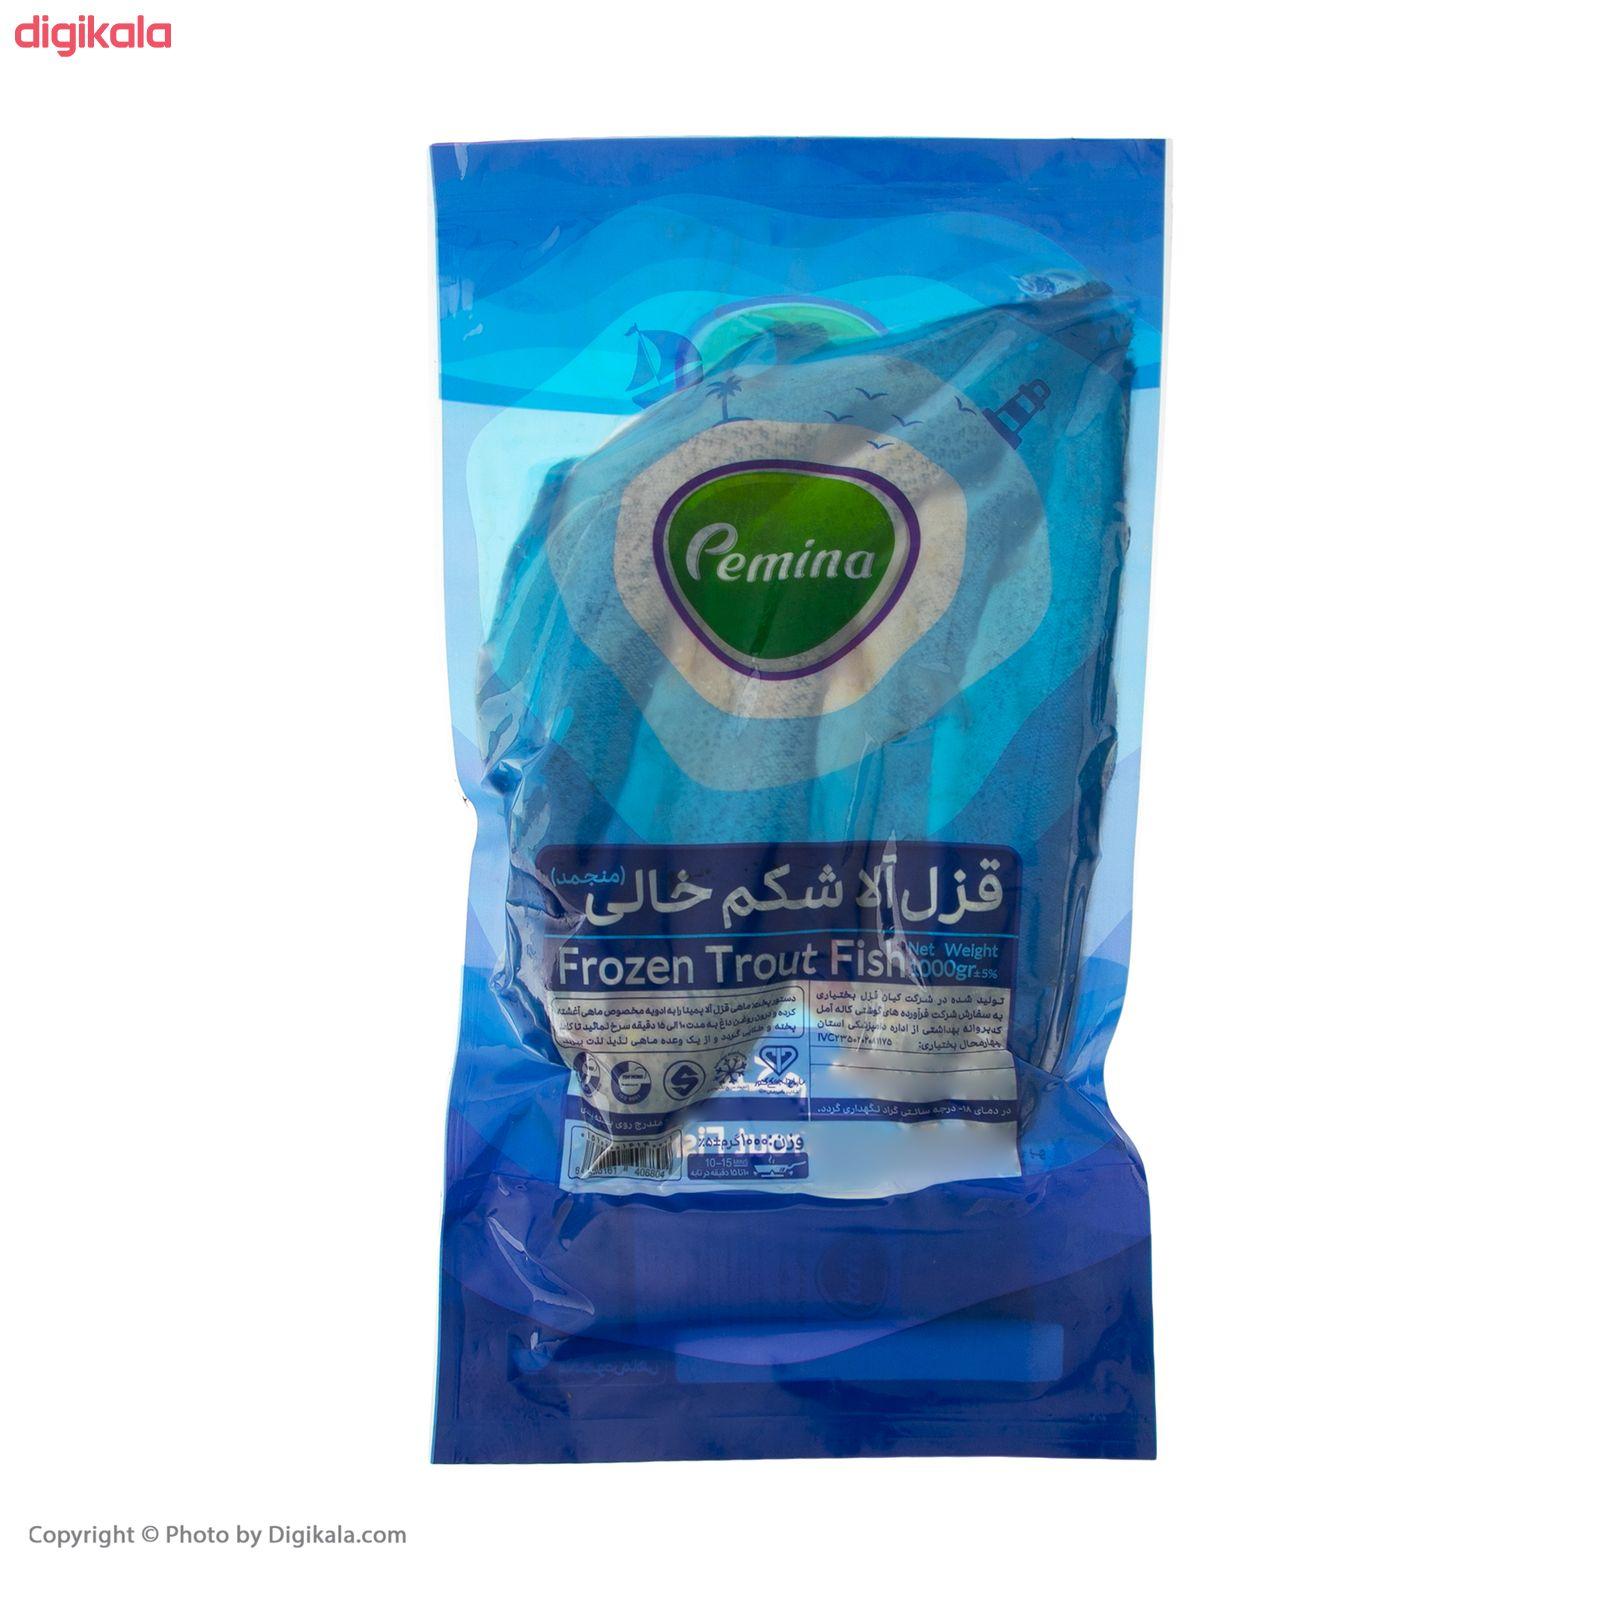 ماهی قزل آلا شکم خالی منجمد پمینا - 1 کیلوگرم  main 1 1